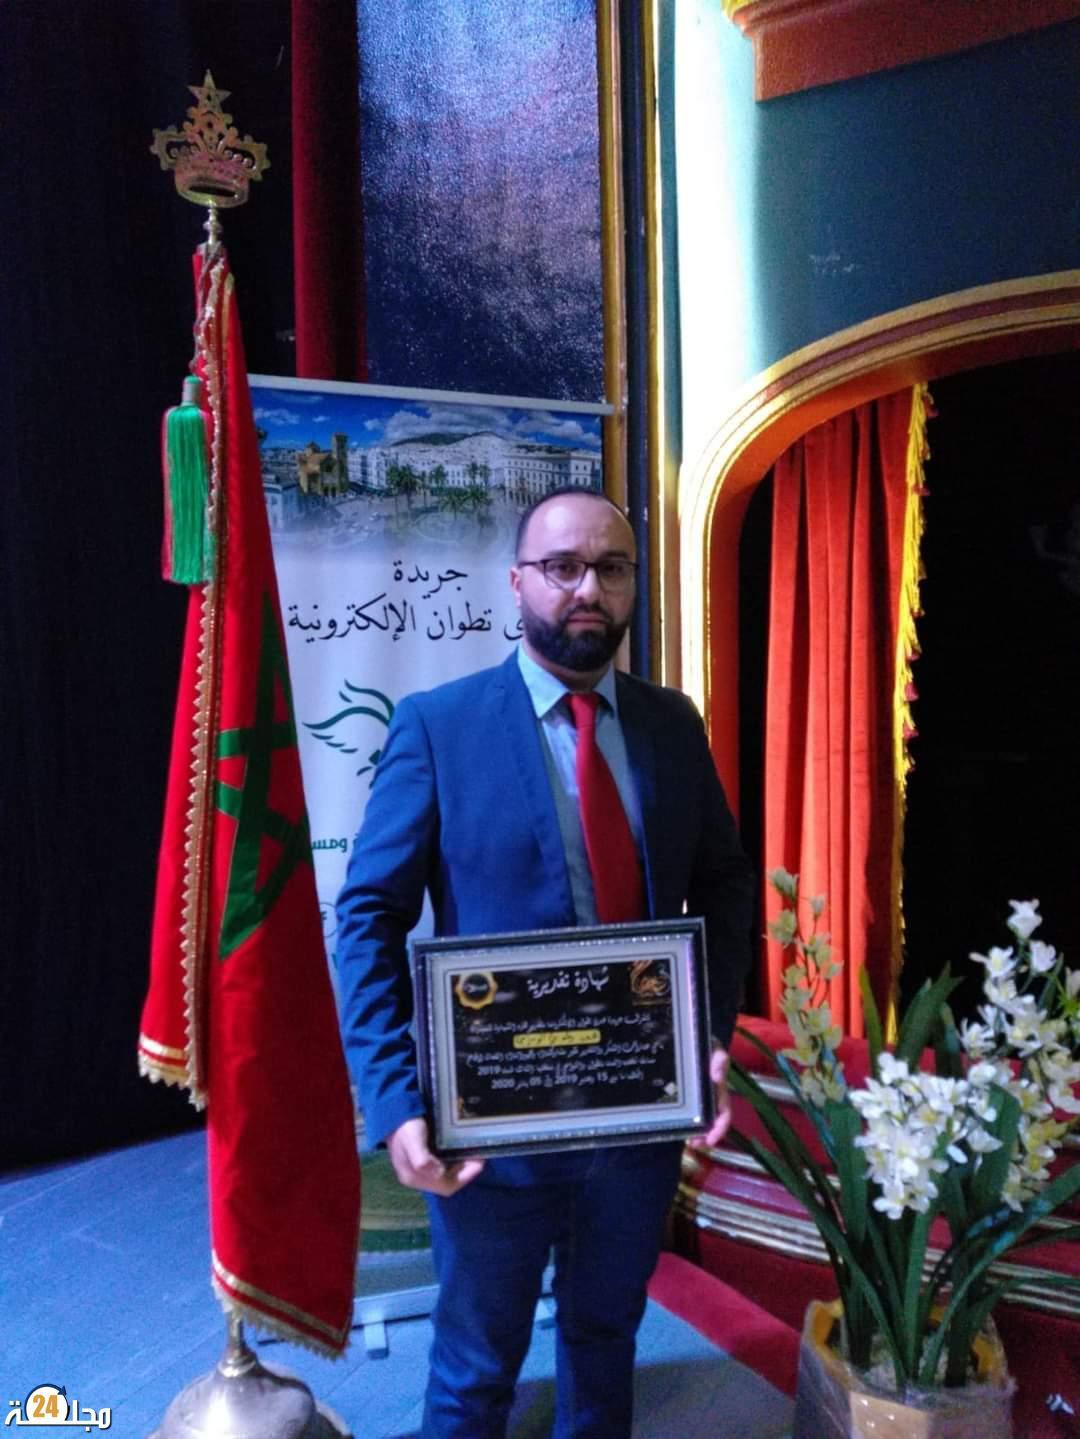 الفاعل الجمعوي المغربي في أوروبا